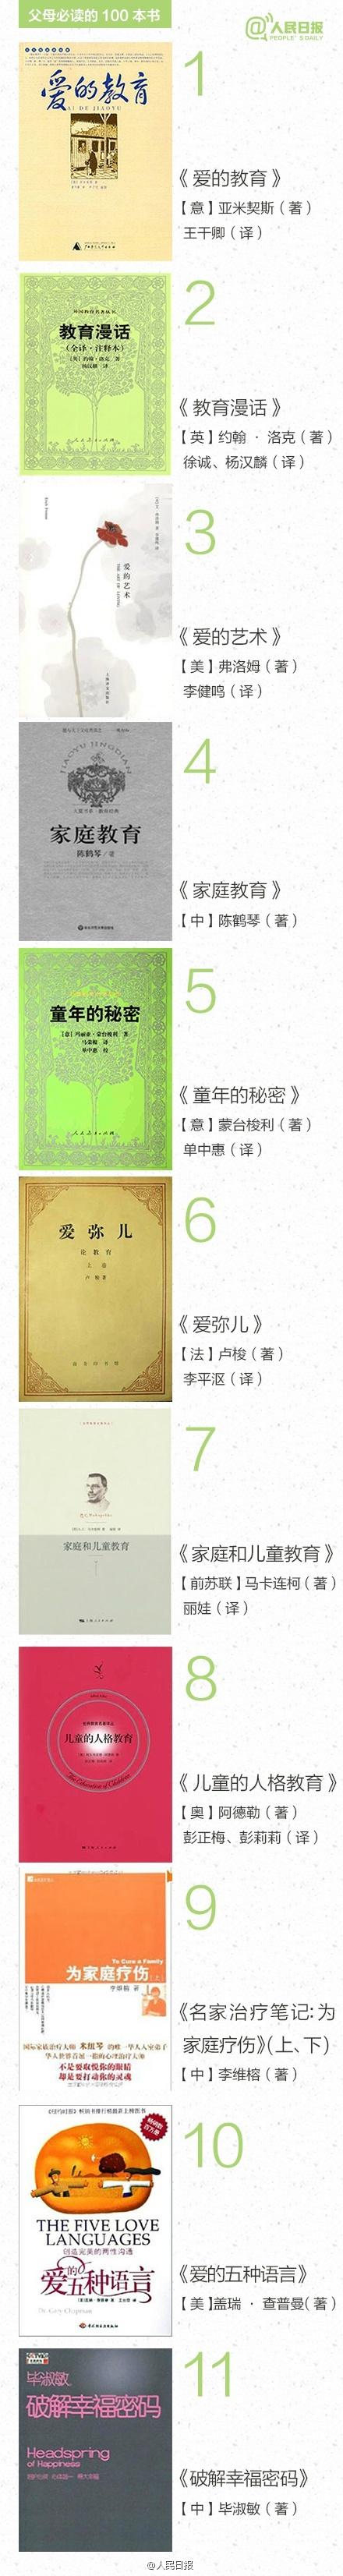 俞敏洪推荐: 父母必读的100本书,你读过几本